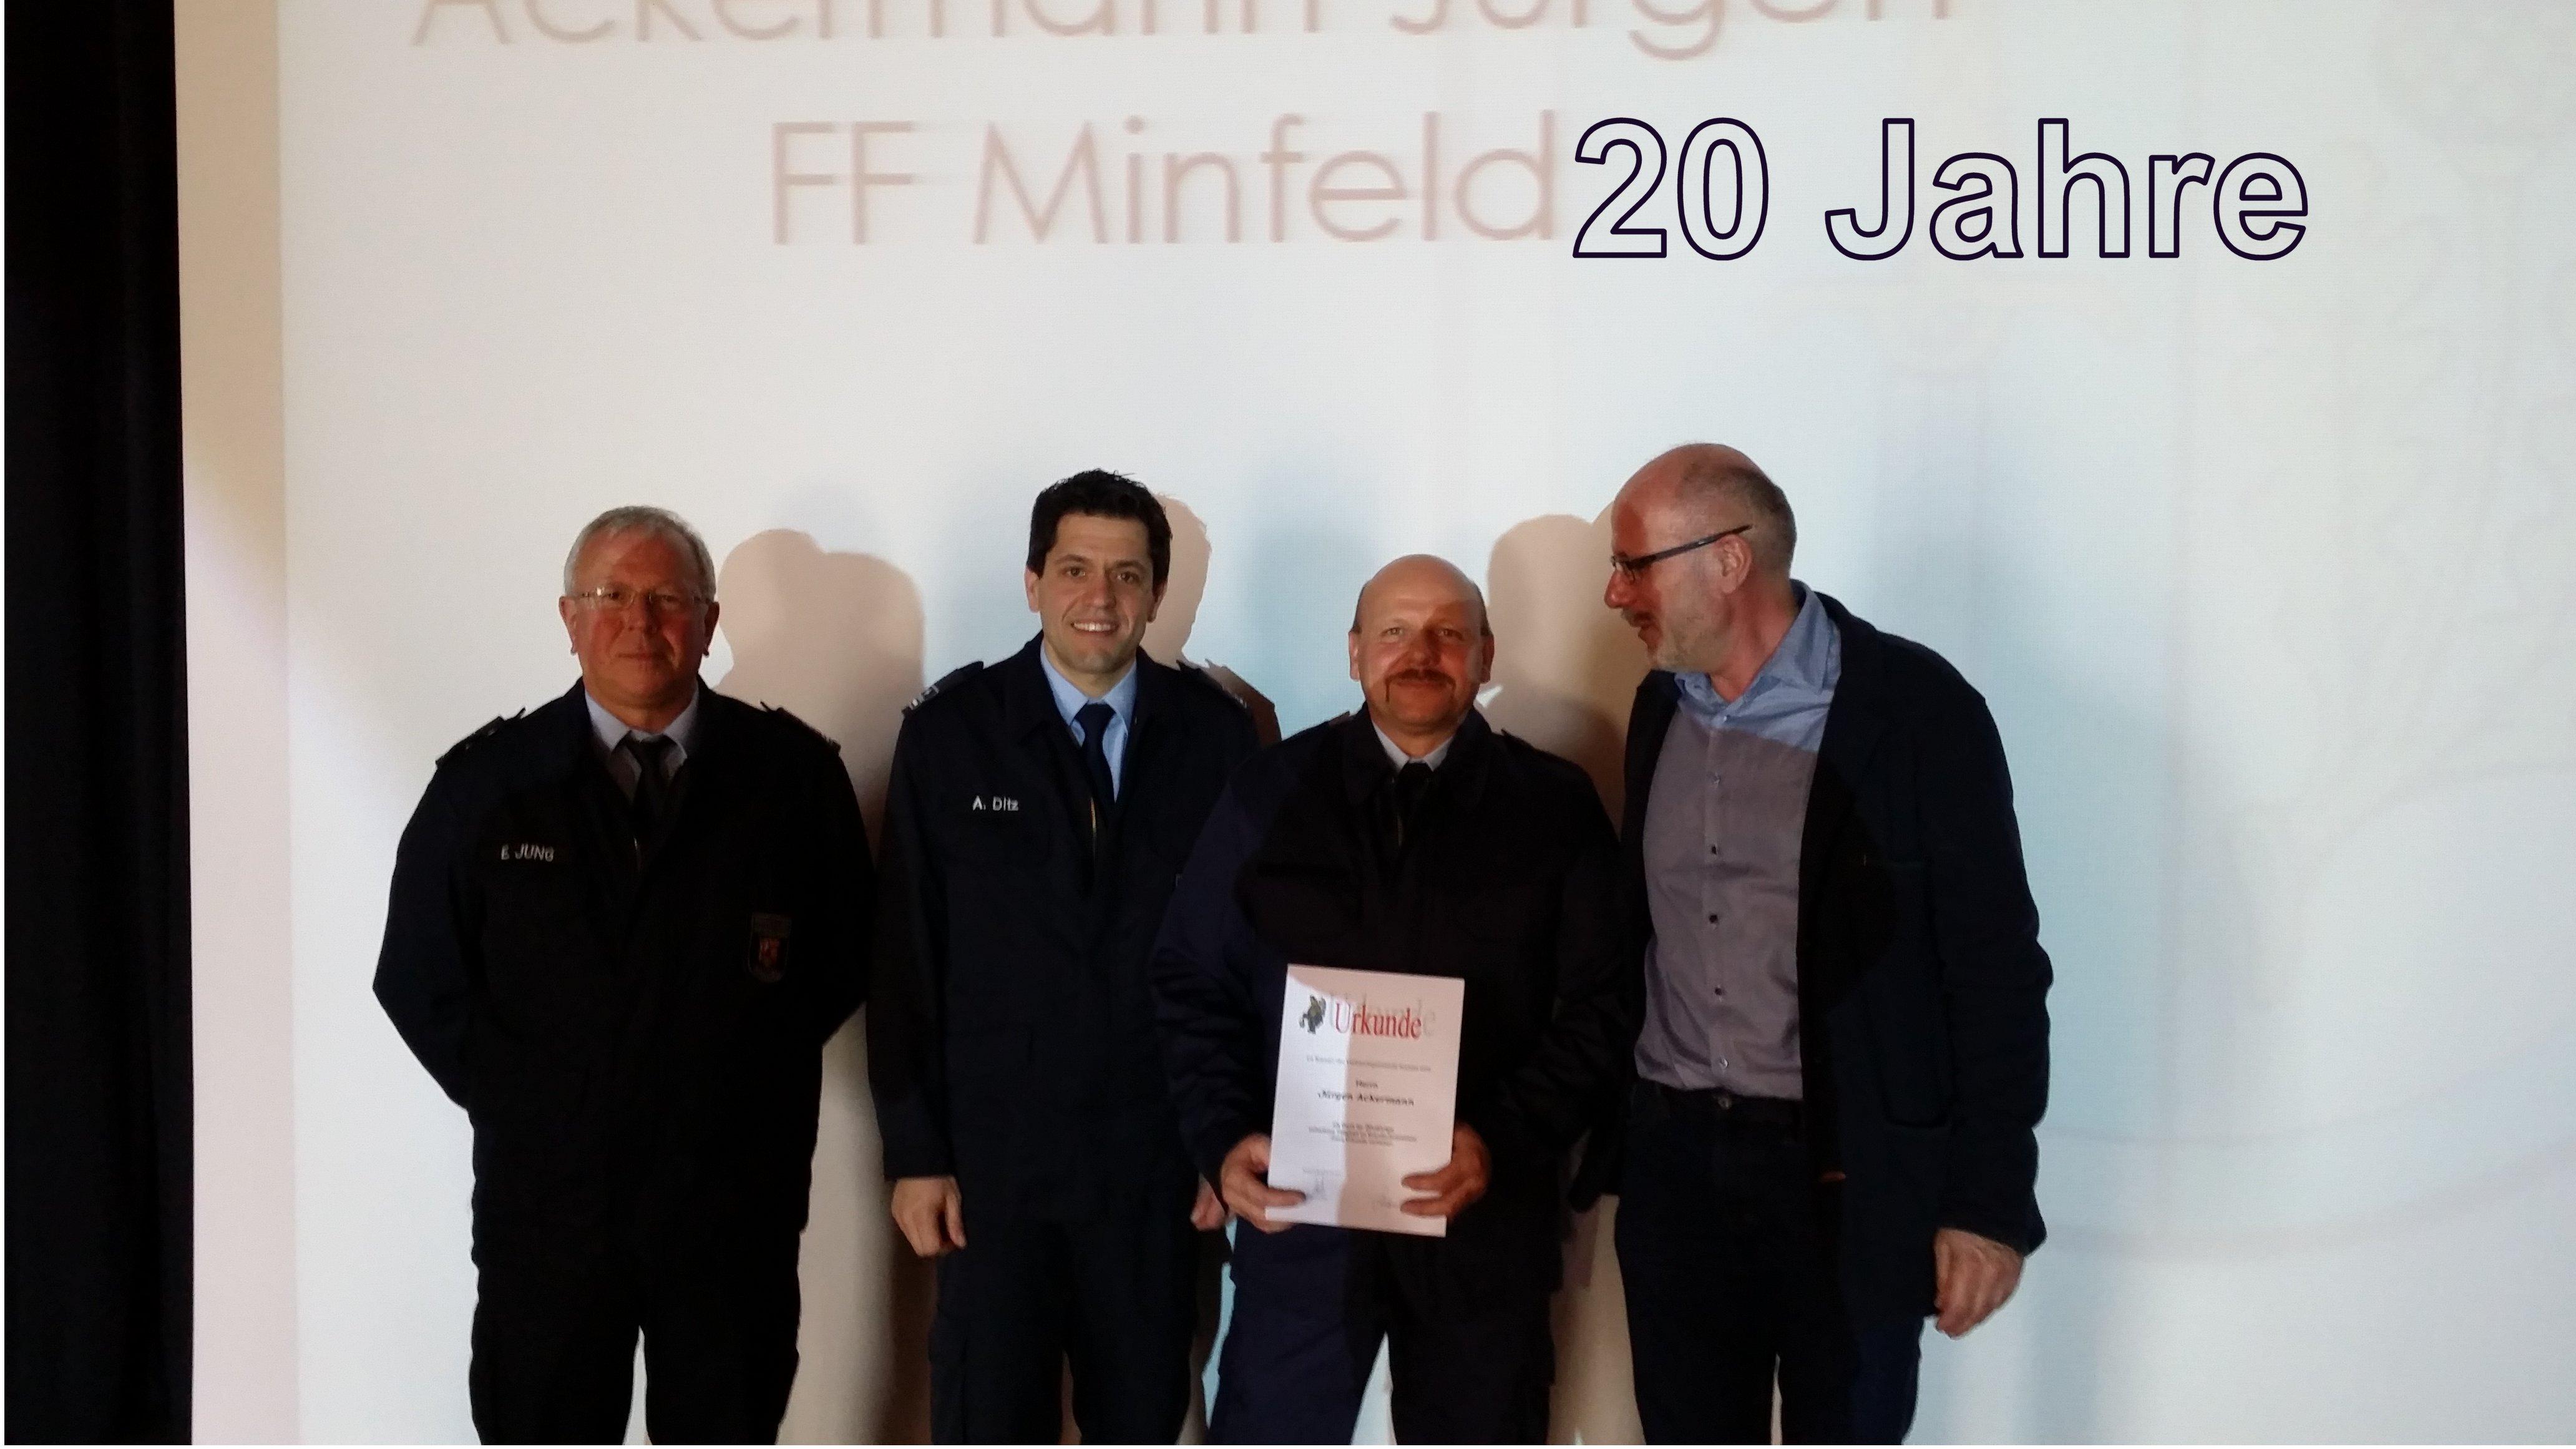 Ehrung für 20 Jahre - Herr Ackermann Zweiter von rechts.